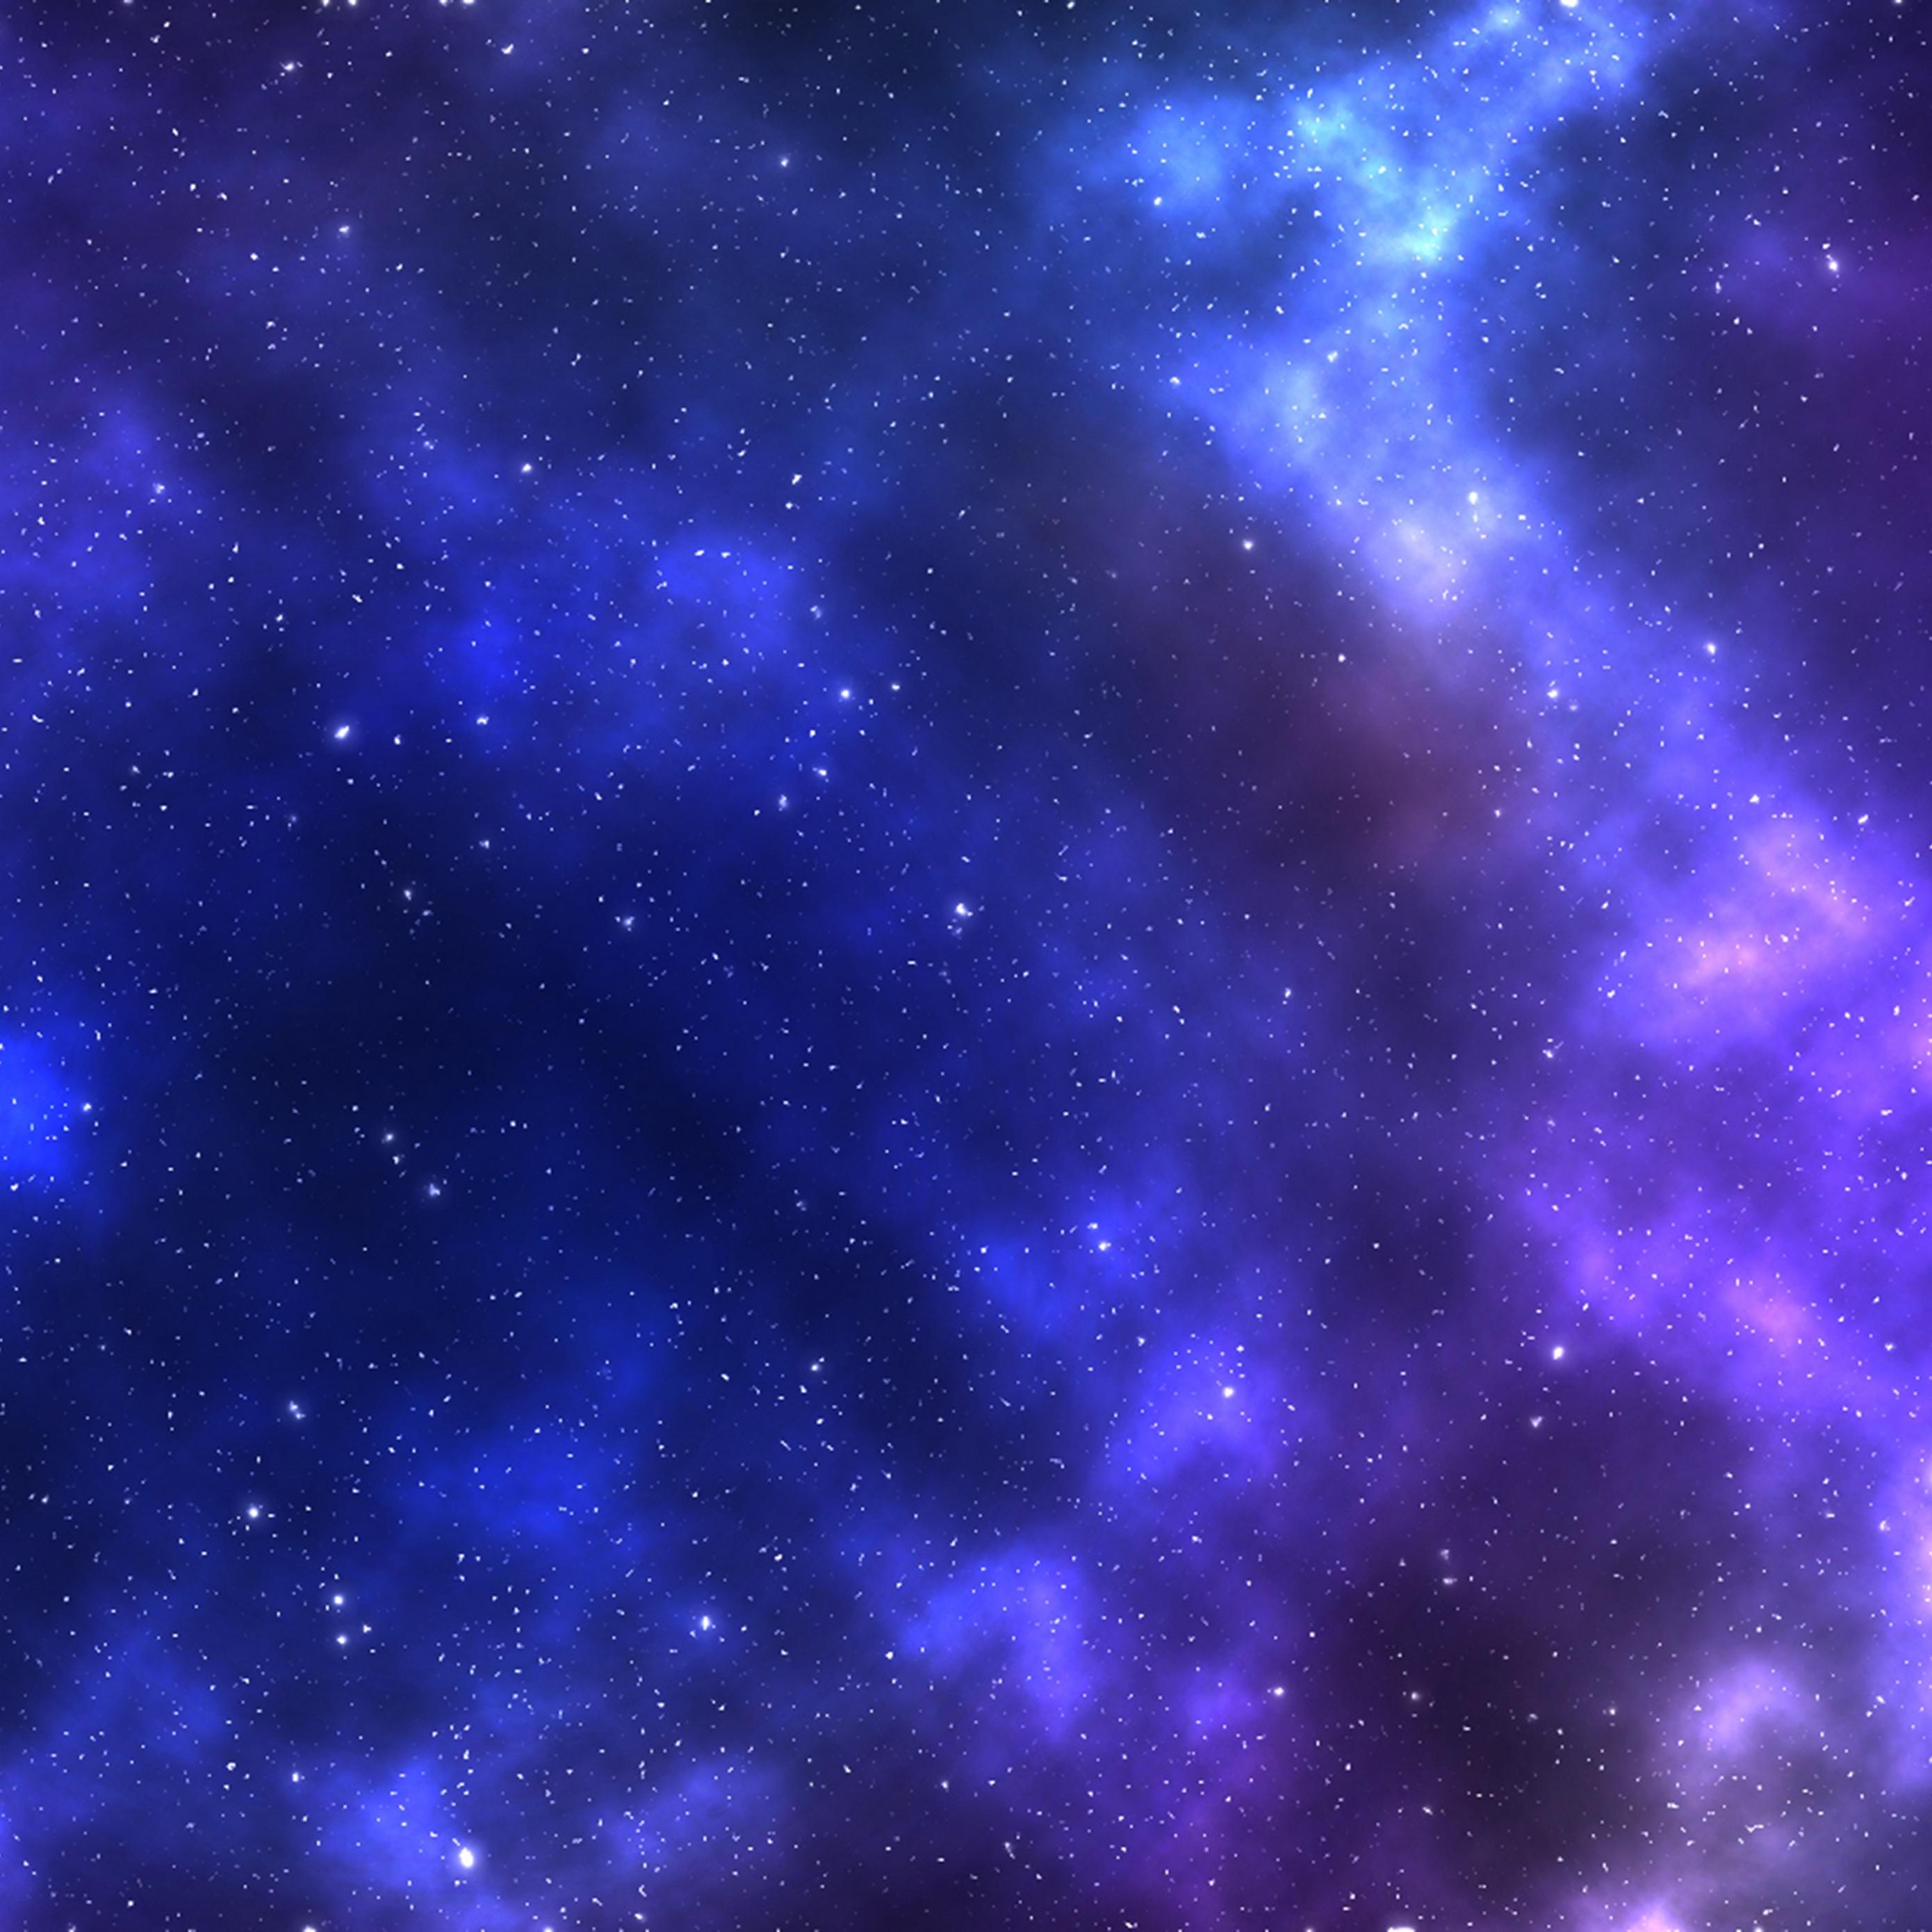 Download wallpaper 2780x2780 starry sky galaxy stars night sky 2780x2780